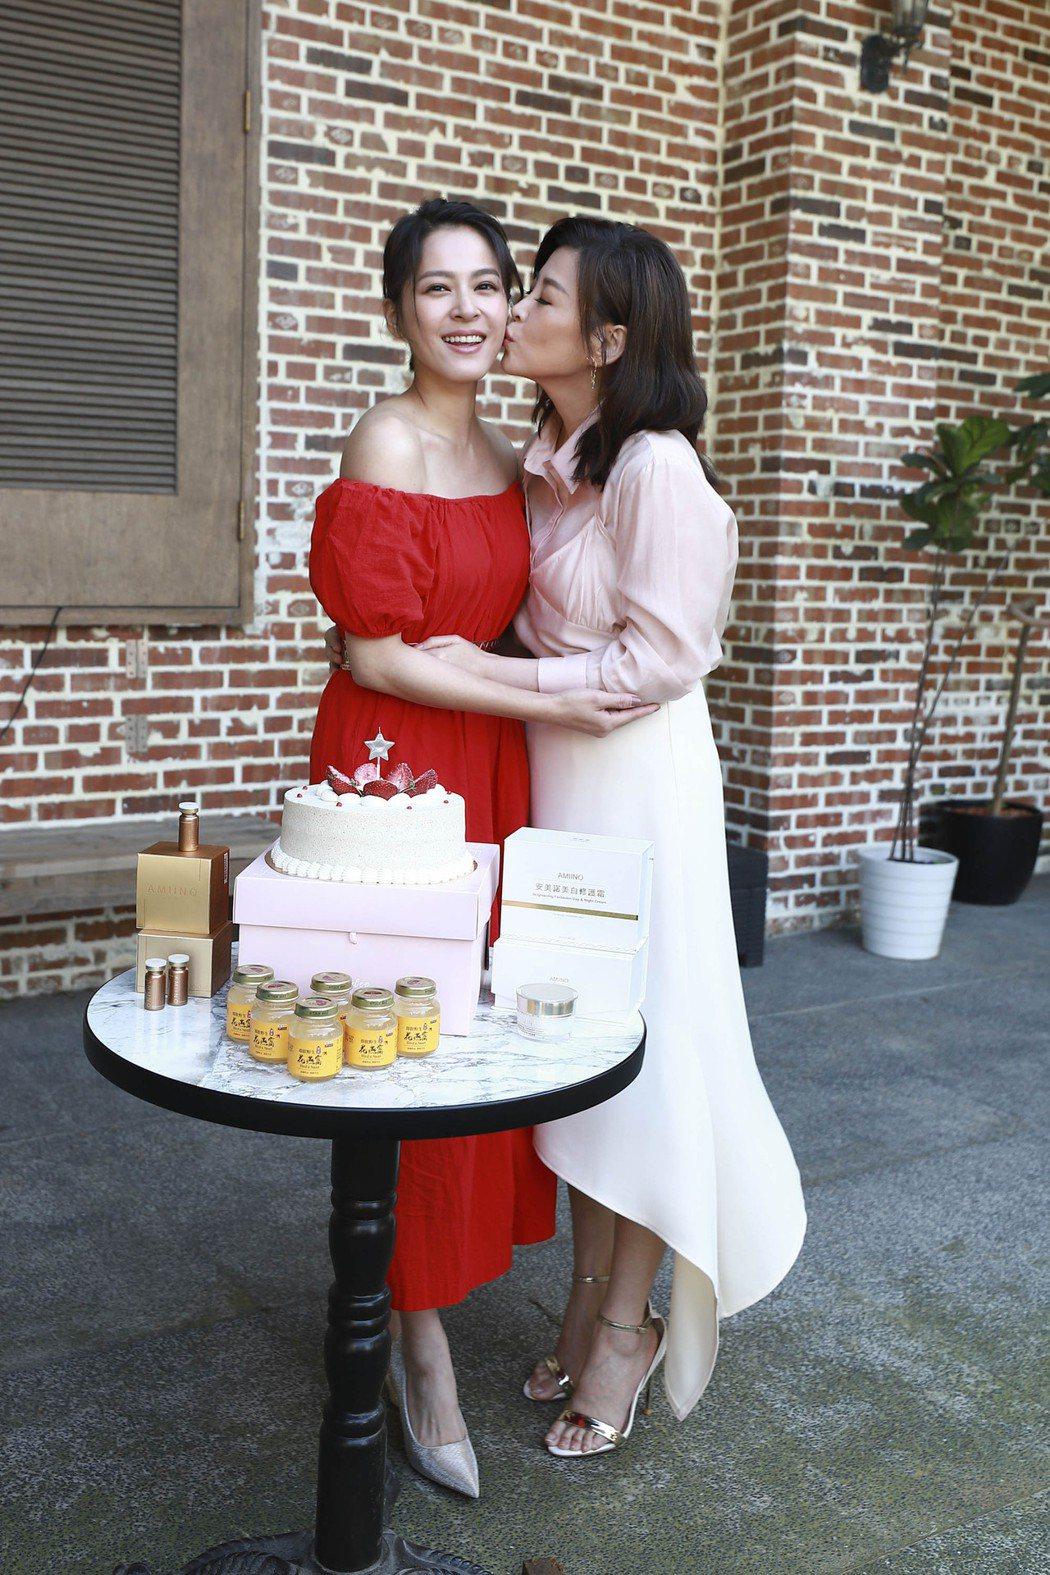 蘇晏霈過生日,好姐妹方馨獻吻,祝福壽星生日願望都實現。圖/民視提供